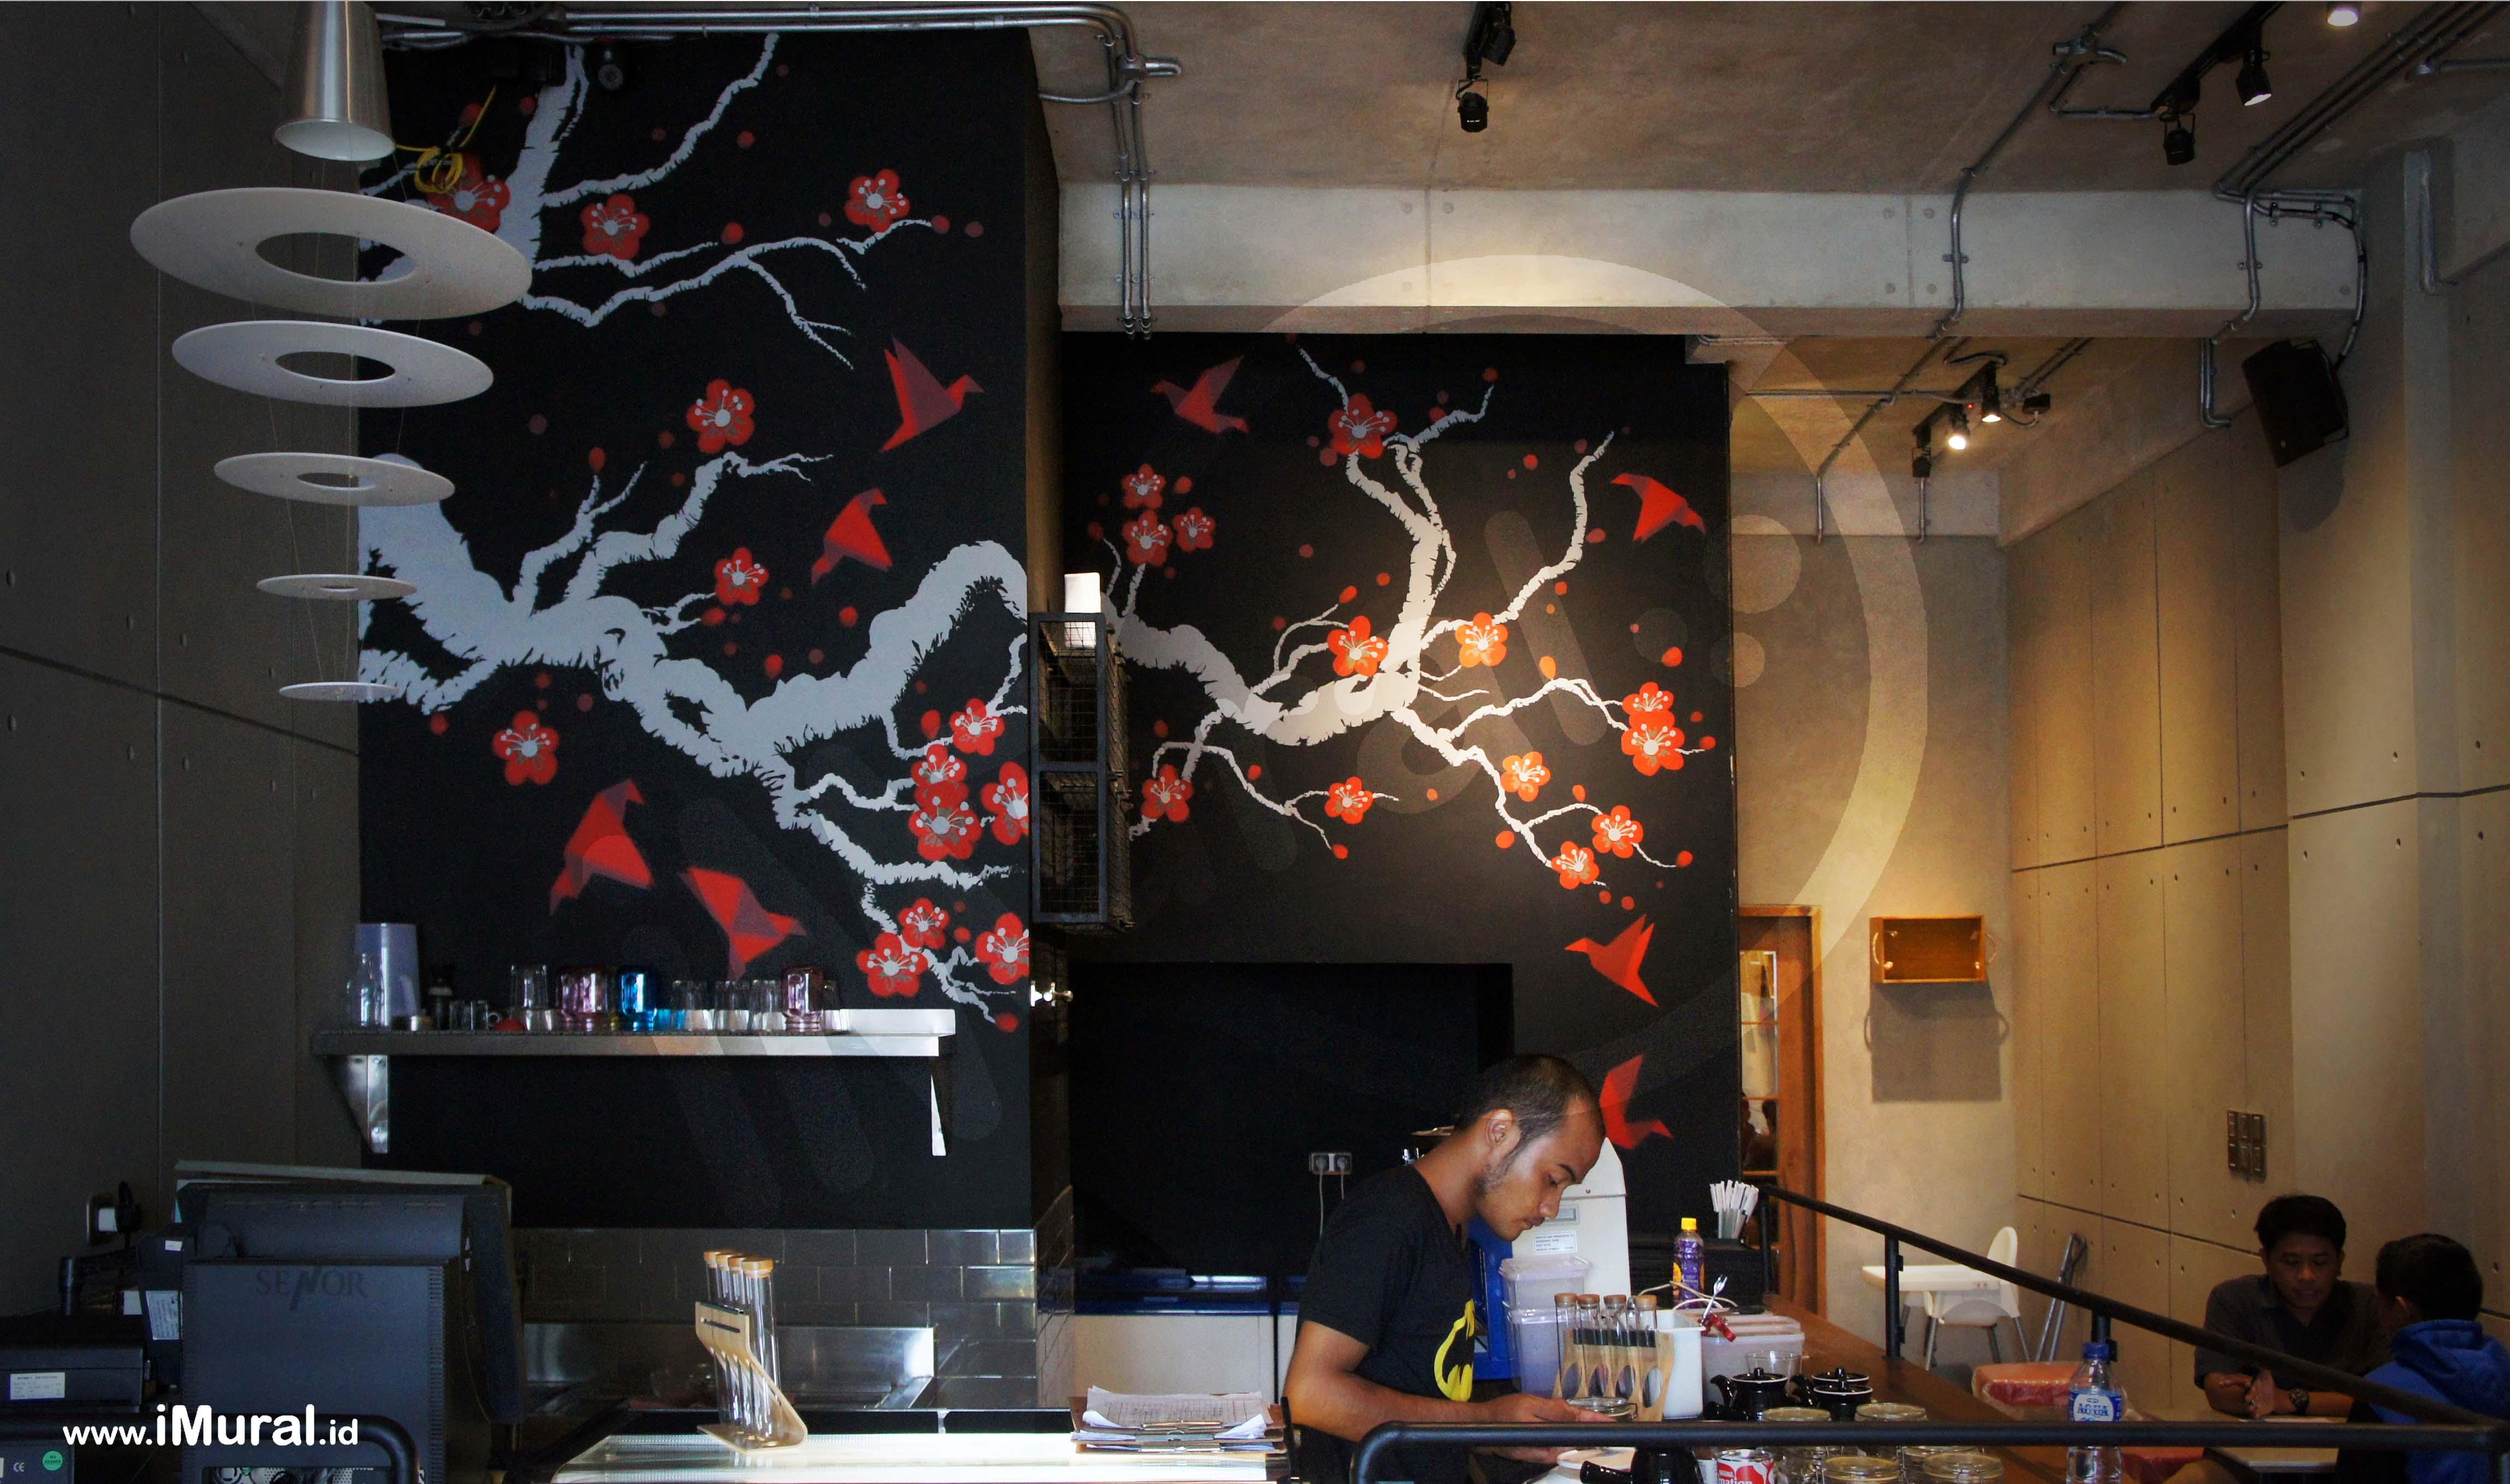 mural at japanese restaurant indonesia mural jasa